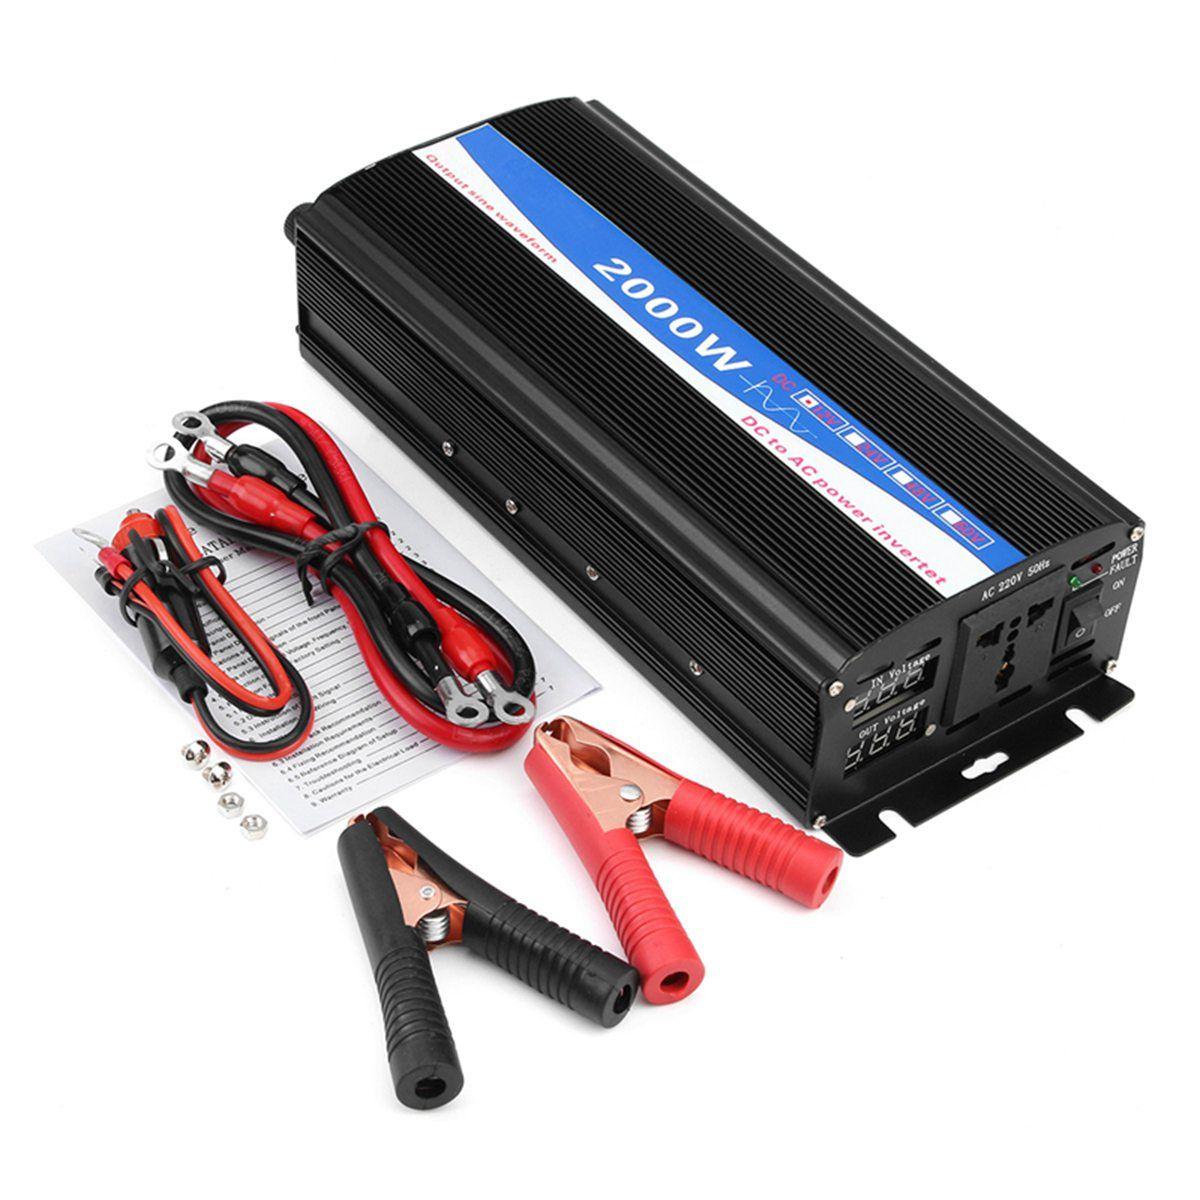 12V-220V 2000W Pure Sine Wave Inverter LED Power Inverter DC12V to AC 220V Digital Display